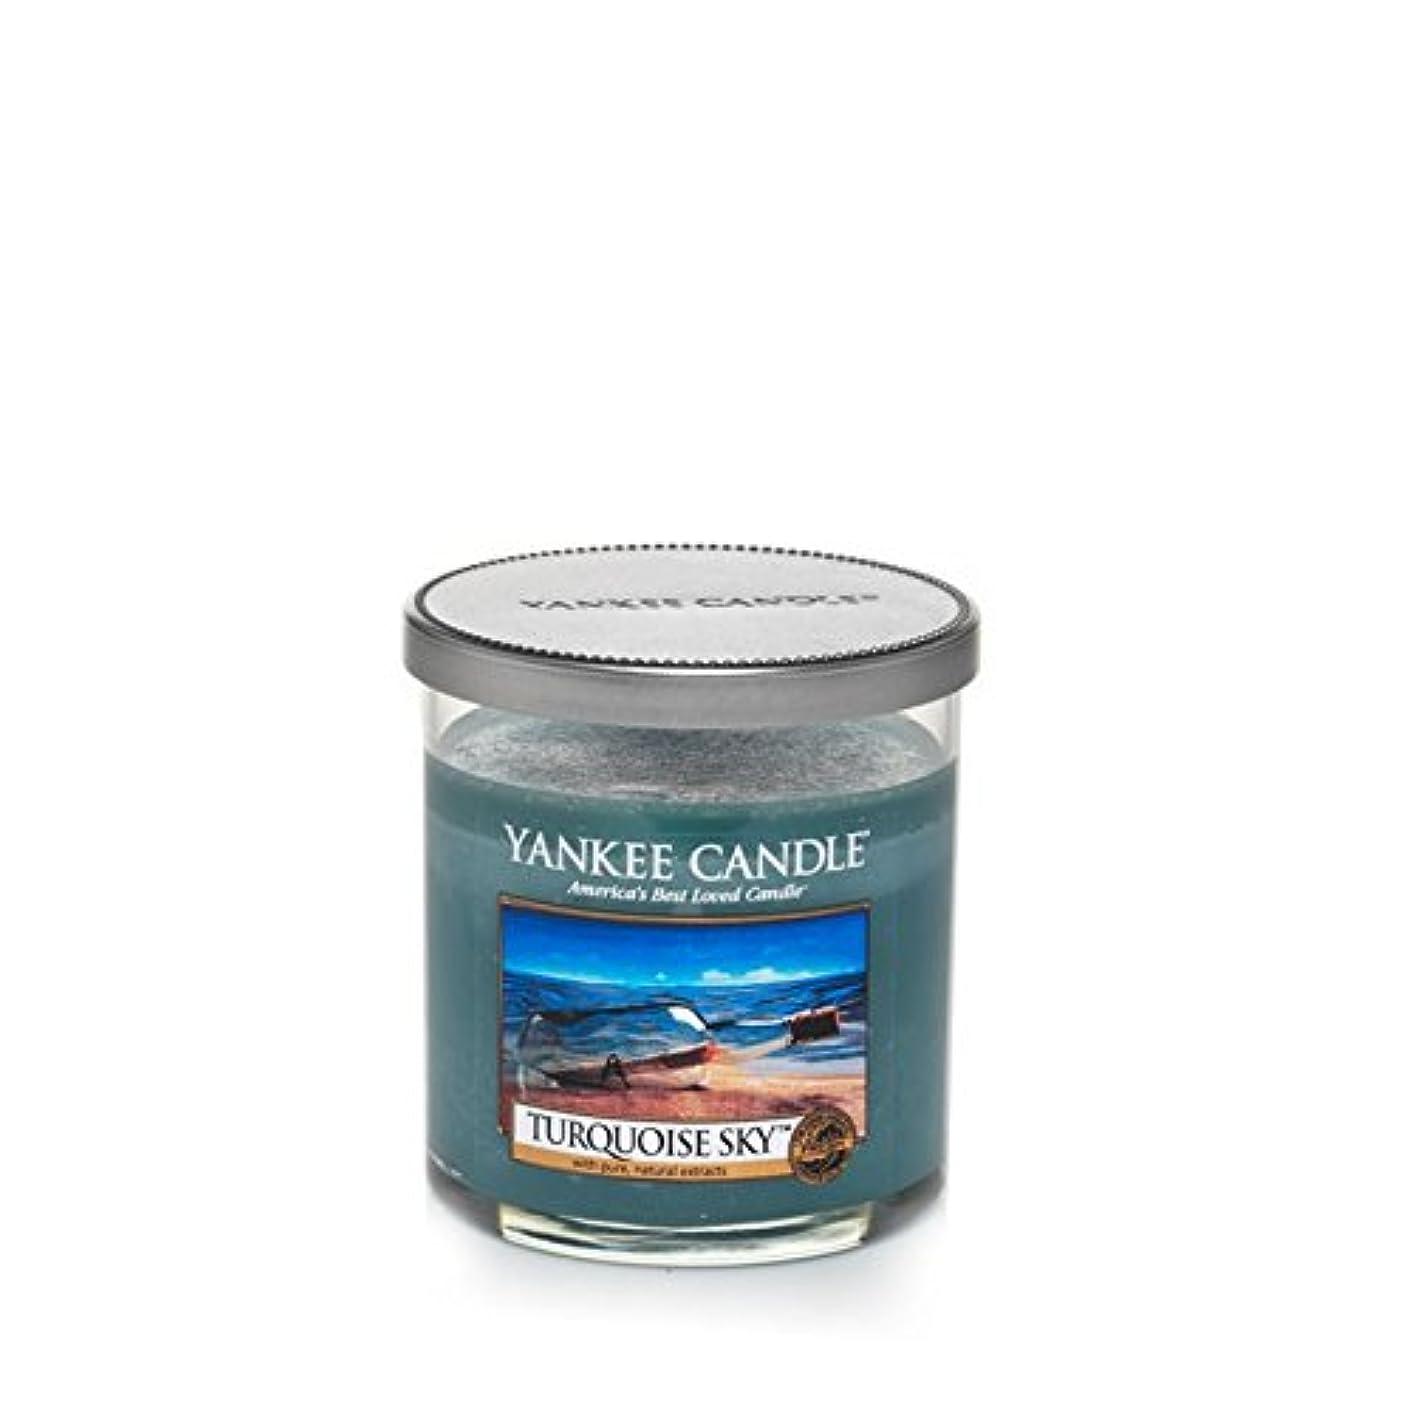 艦隊精査する運動Yankee Candles Small Pillar Candle - Turquoise Sky (Pack of 6) - ヤンキーキャンドルの小さな柱キャンドル - ターコイズの空 (x6) [並行輸入品]